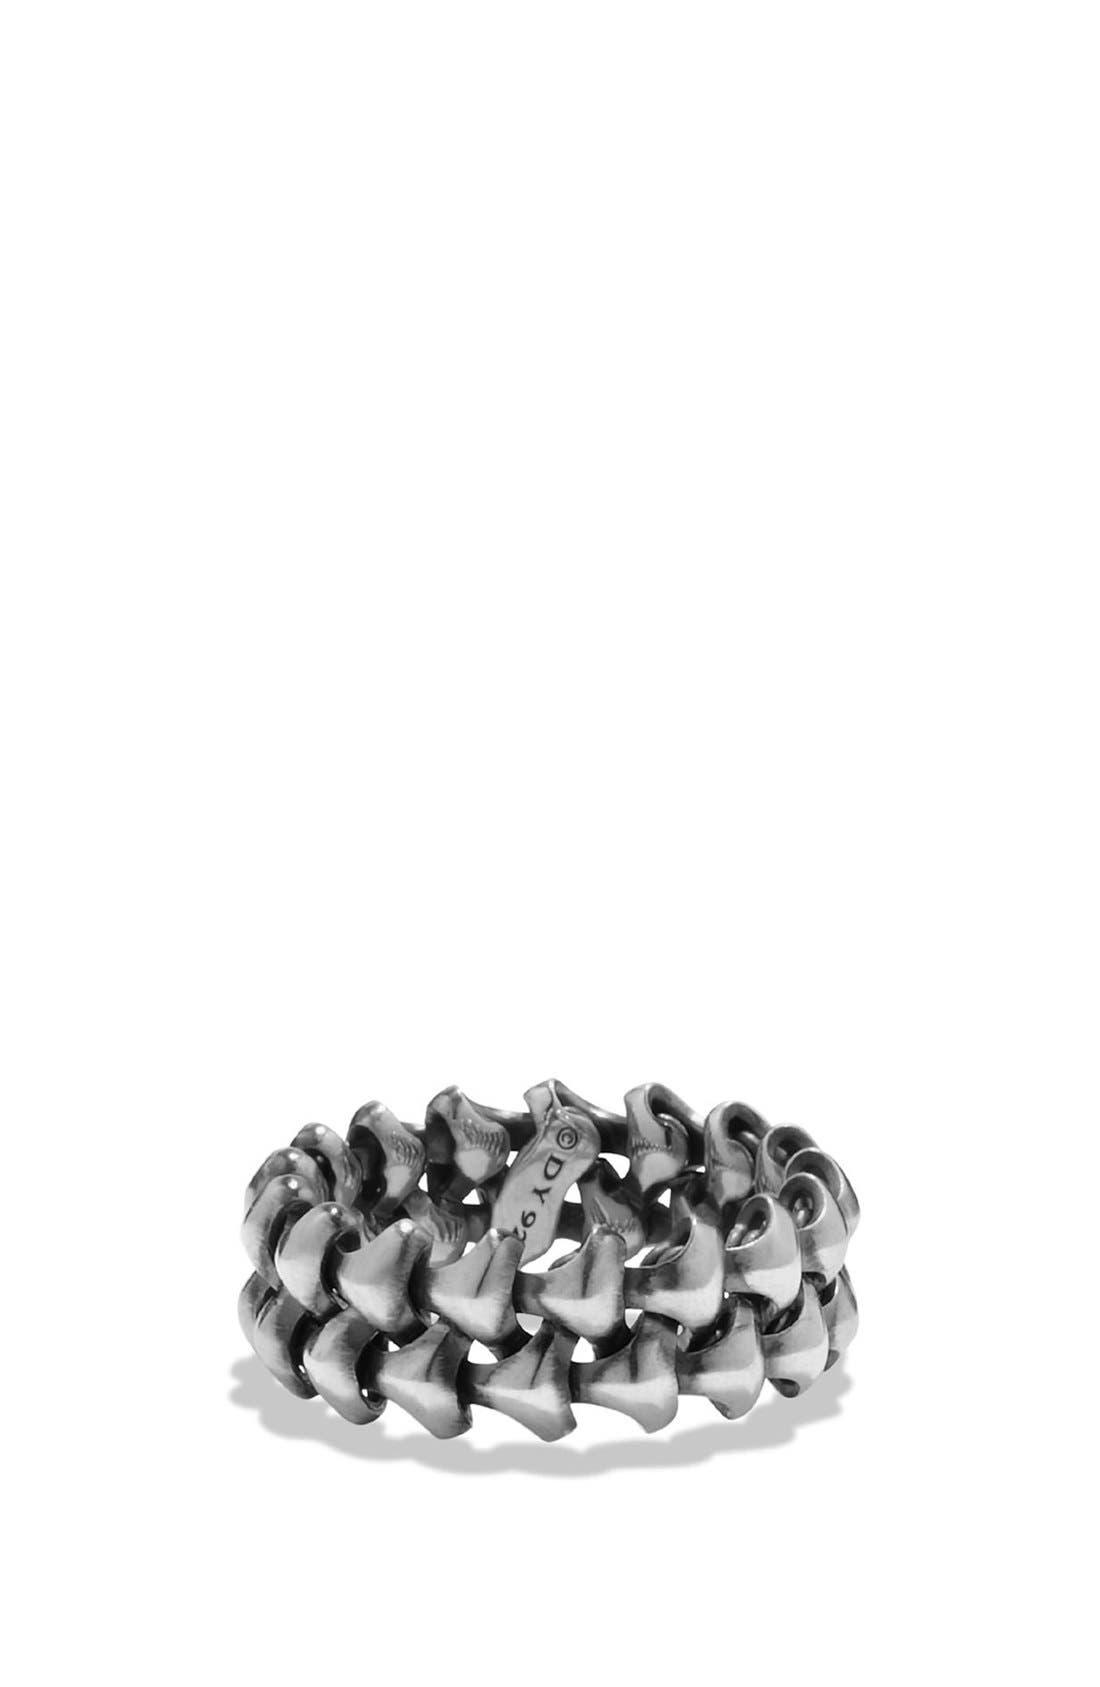 Main Image - David Yurman 'Armory' Band Ring